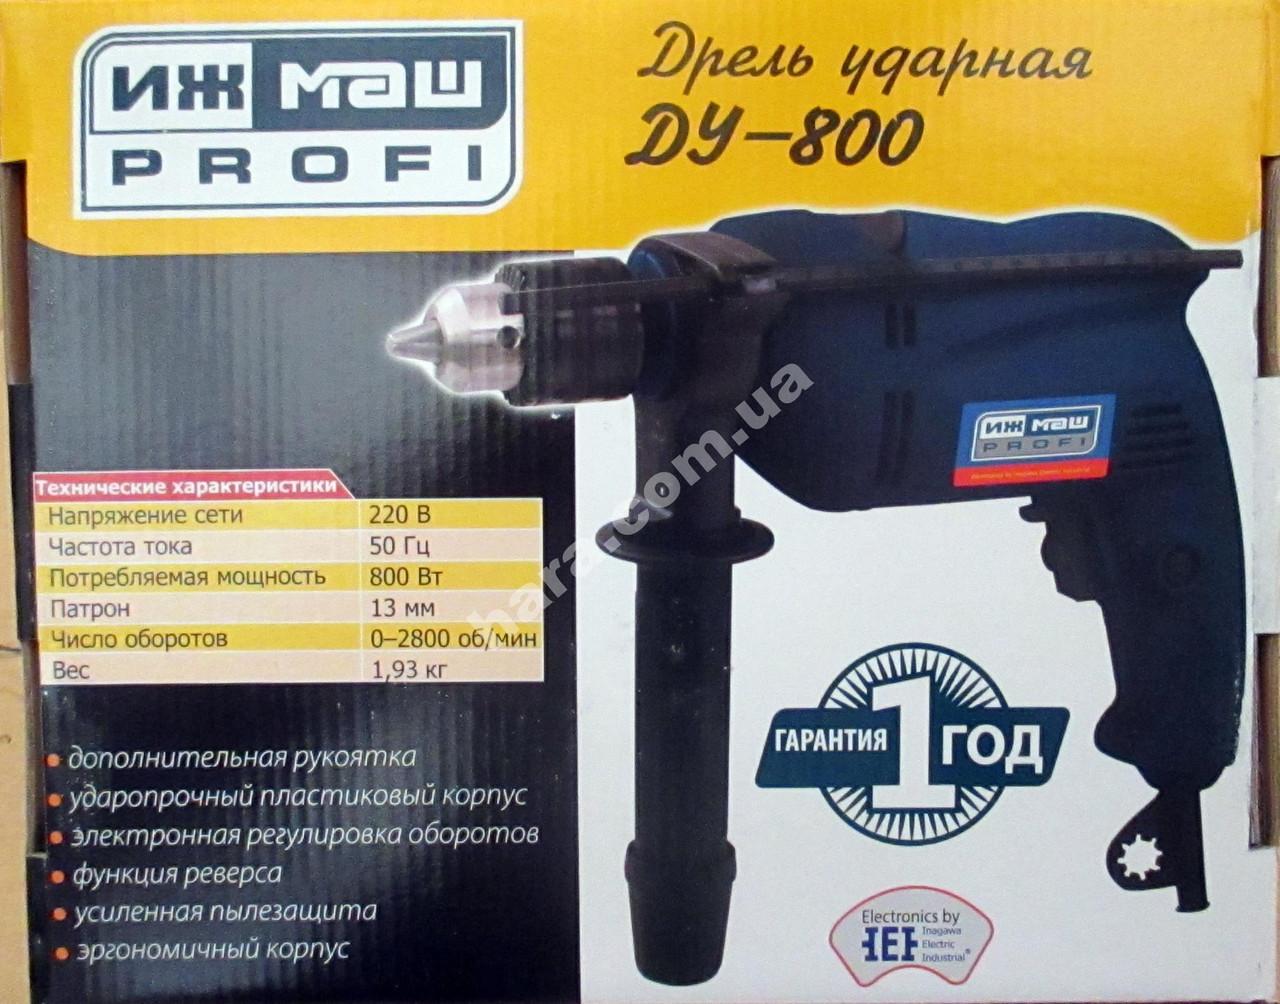 Дрель Ижмаш Ду-800 (800 Вт)